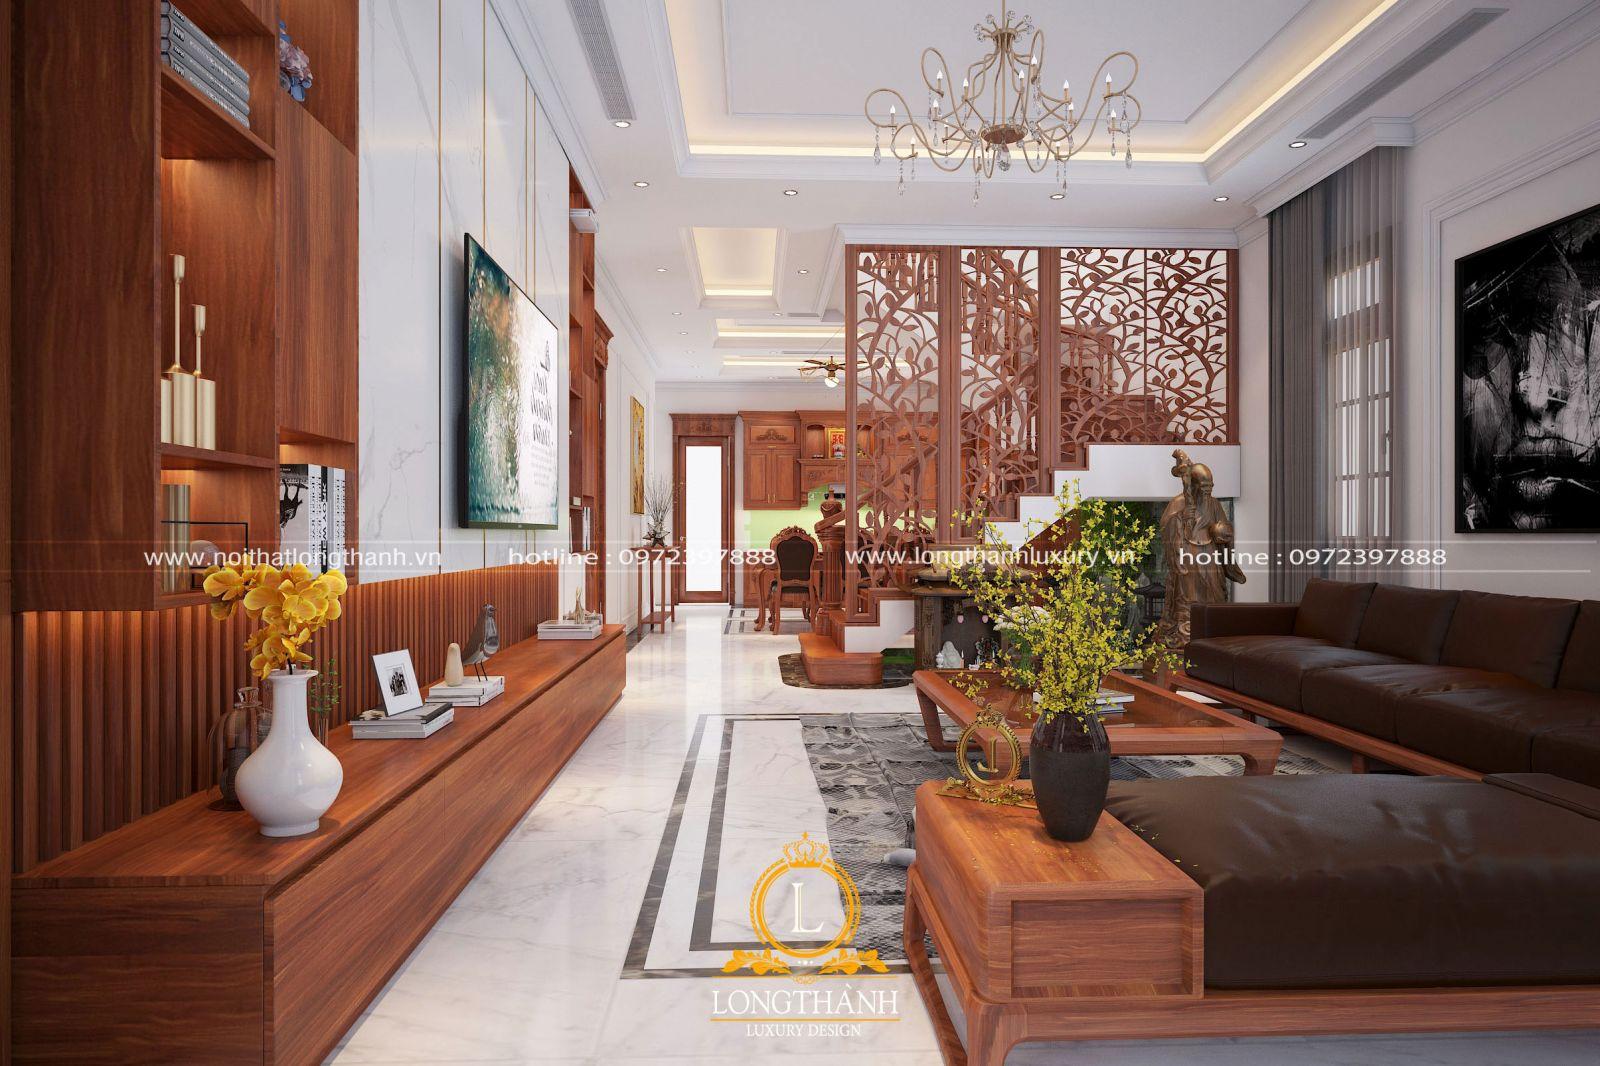 Thiết kế nội thất phòng khách nhà biệt thự liền kề phong cách hiện đại